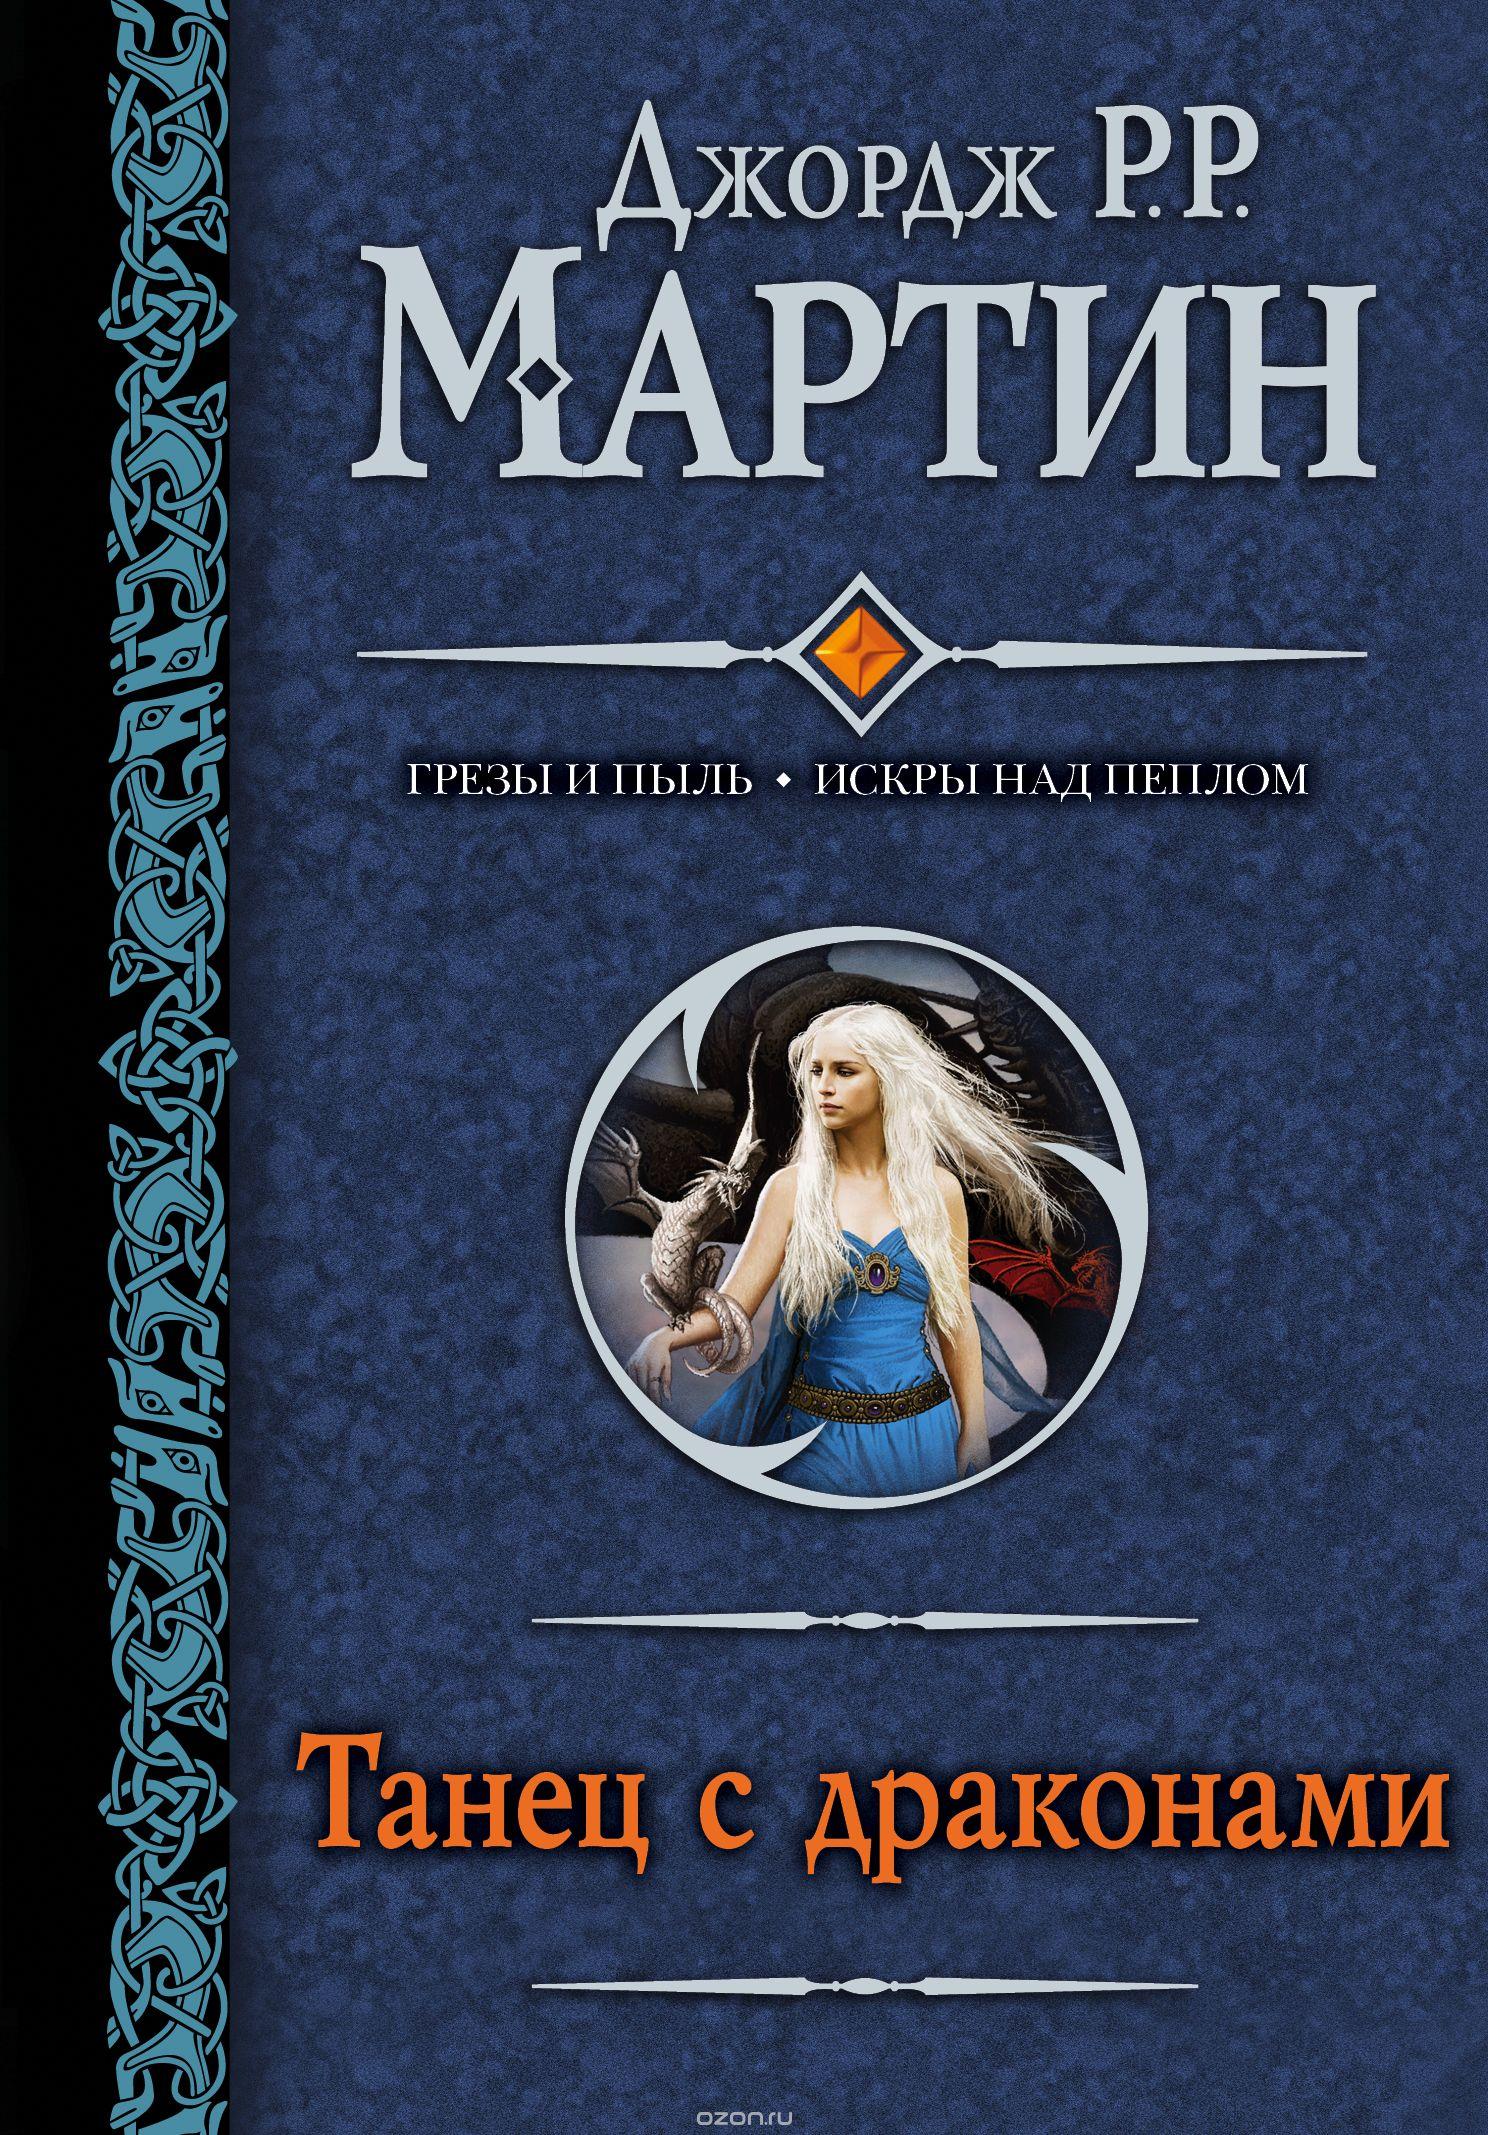 Игра престолов ветра зимы книга скачать fb2